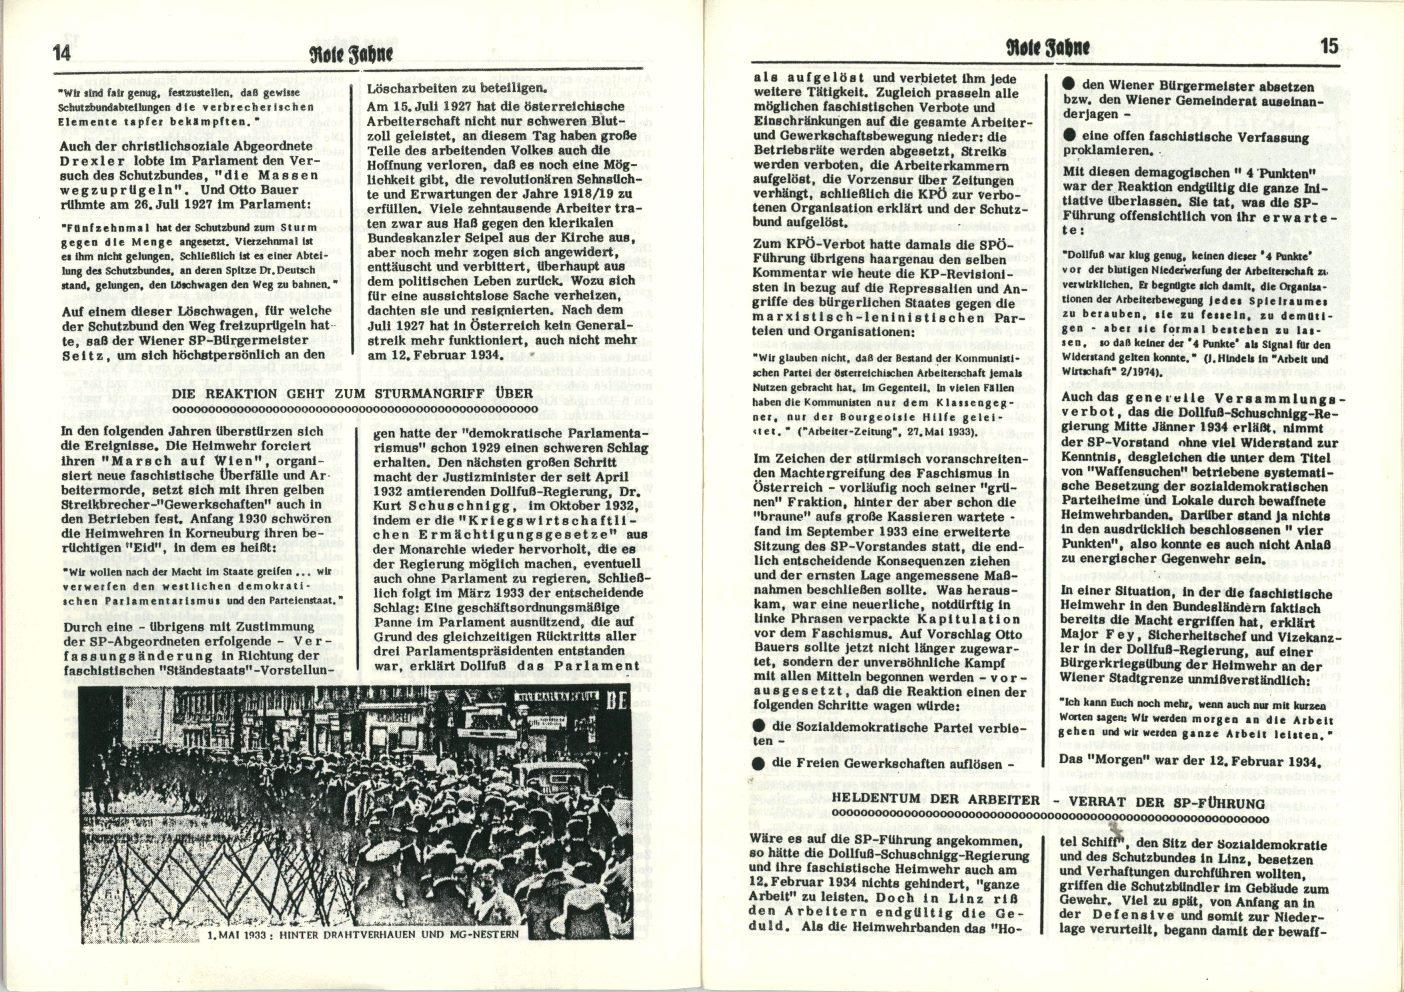 MLPOe_Lehren_des_12_Februar_1934_1984_08